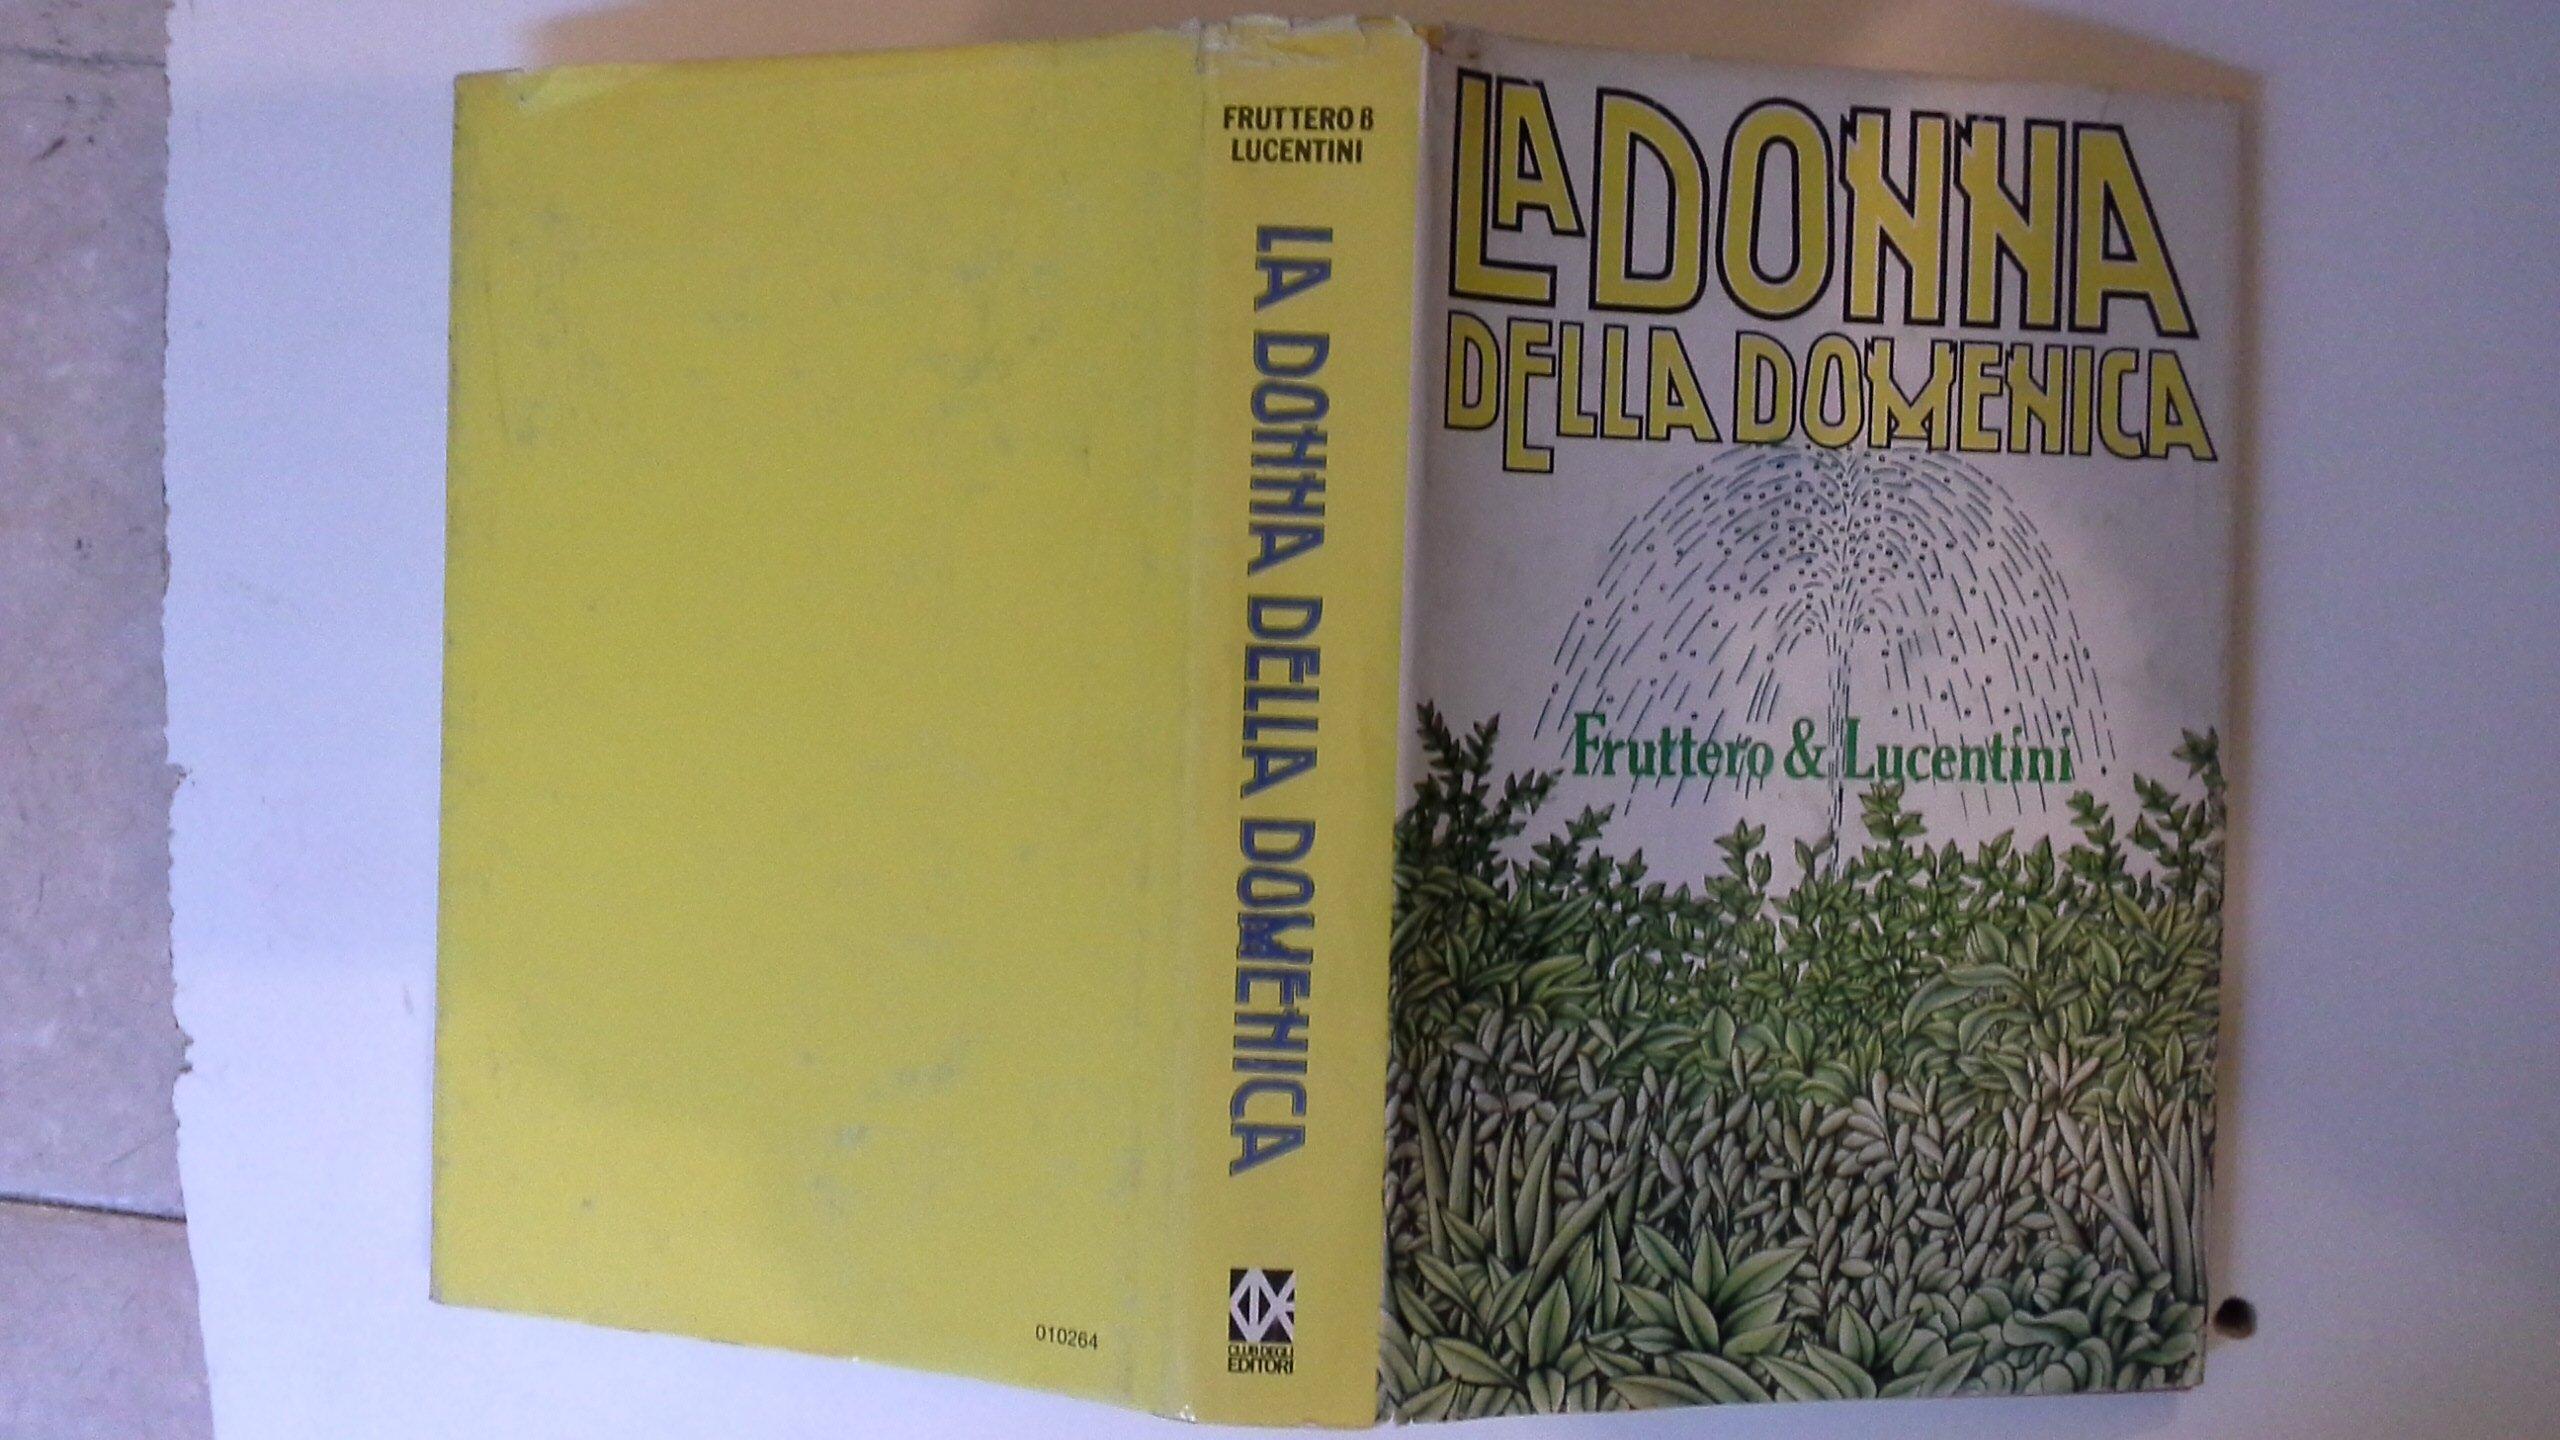 Amazon.it: LA DONNA DELLA DOMENICA - FRUTTERO & LUCENTINI - Libri